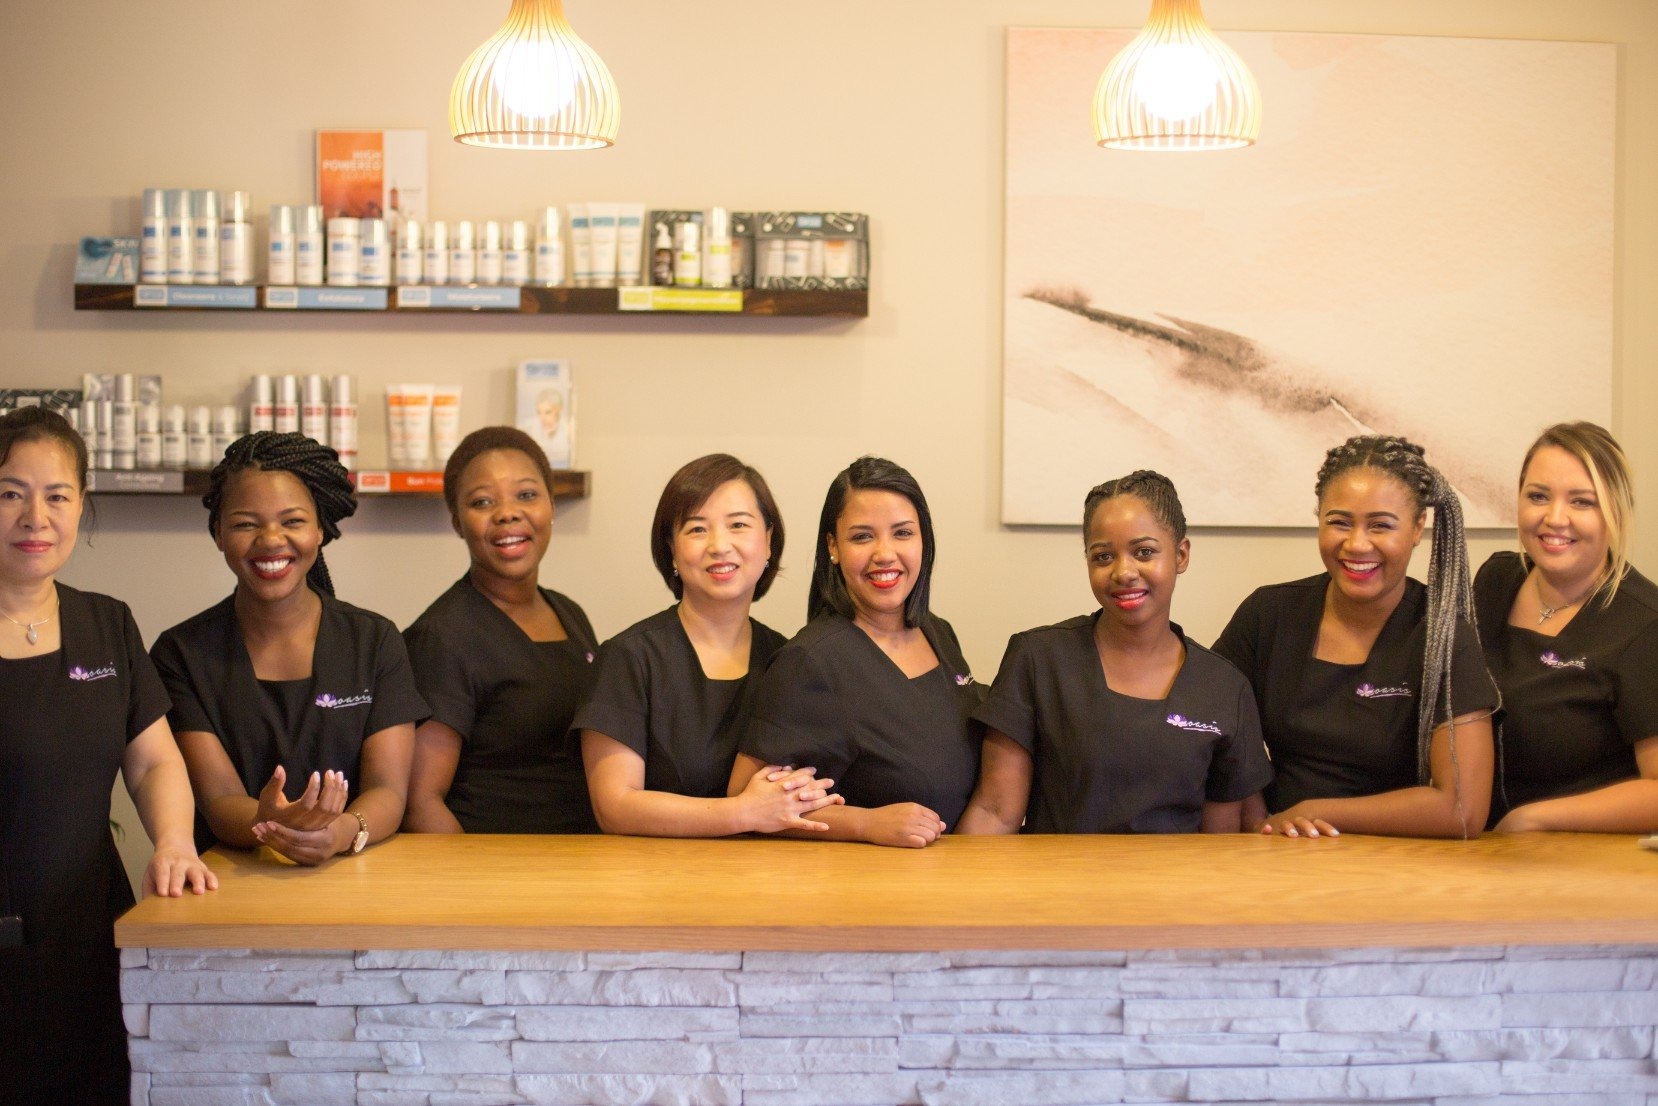 oasis team photo 2